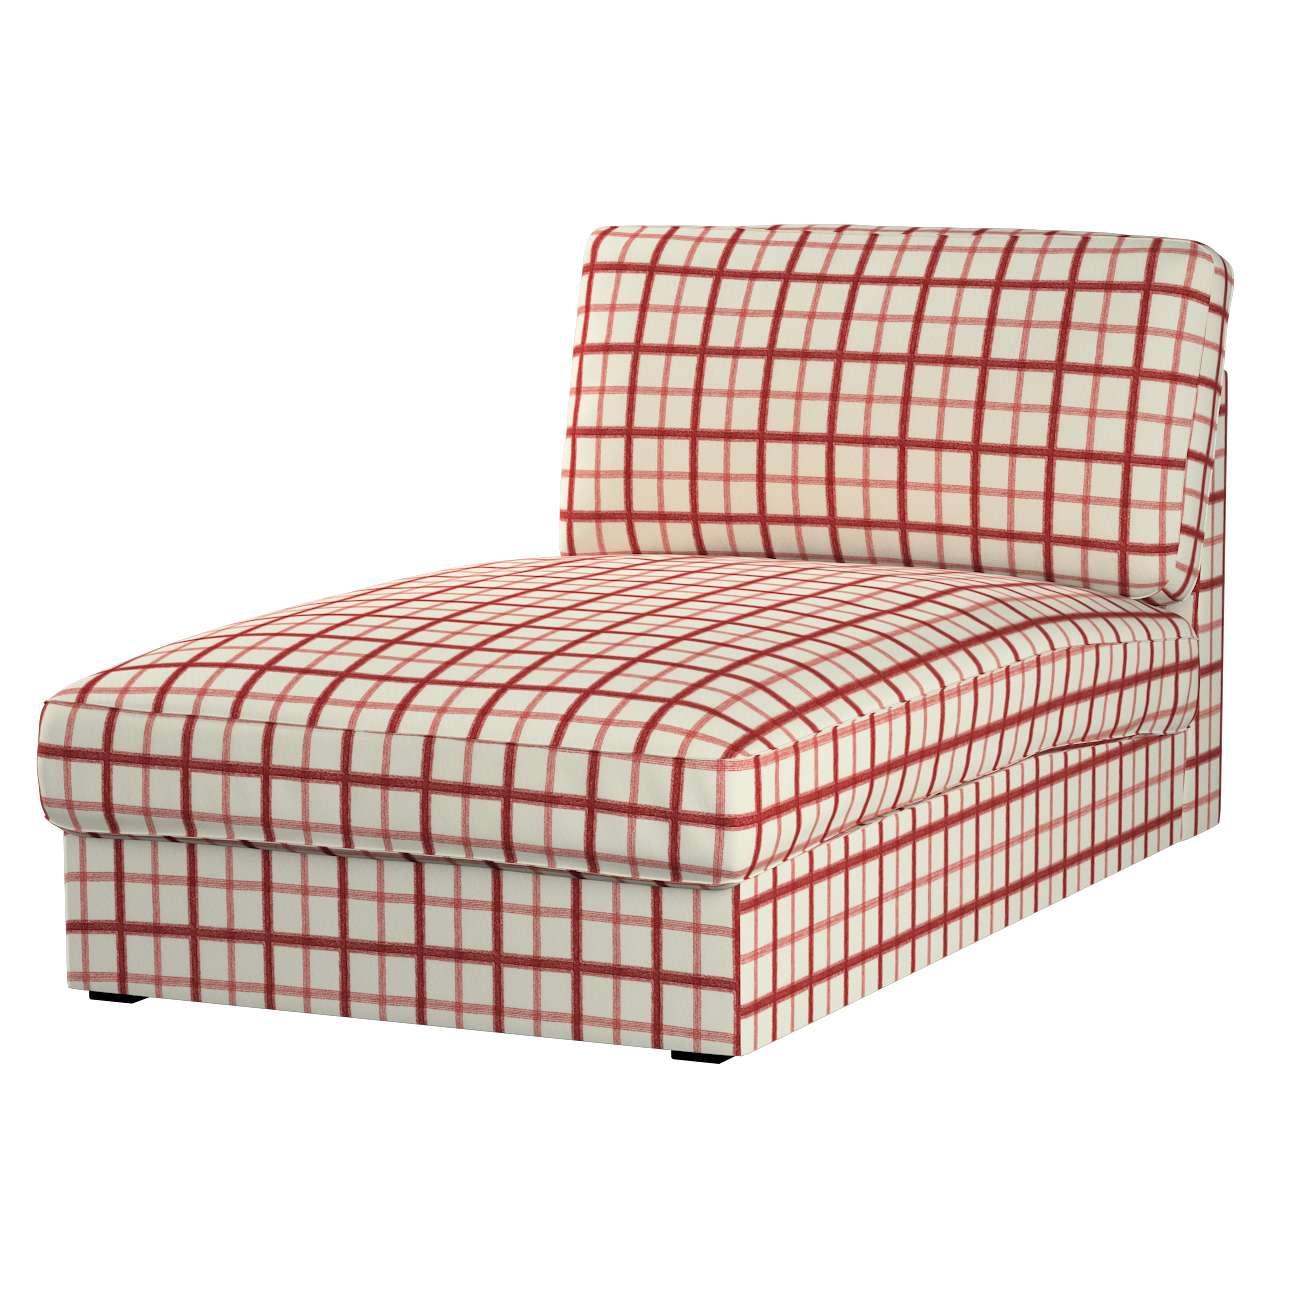 KIVIK gulimojo krėslo užvalkalas Kivik chaise longue kolekcijoje Avinon, audinys: 131-15